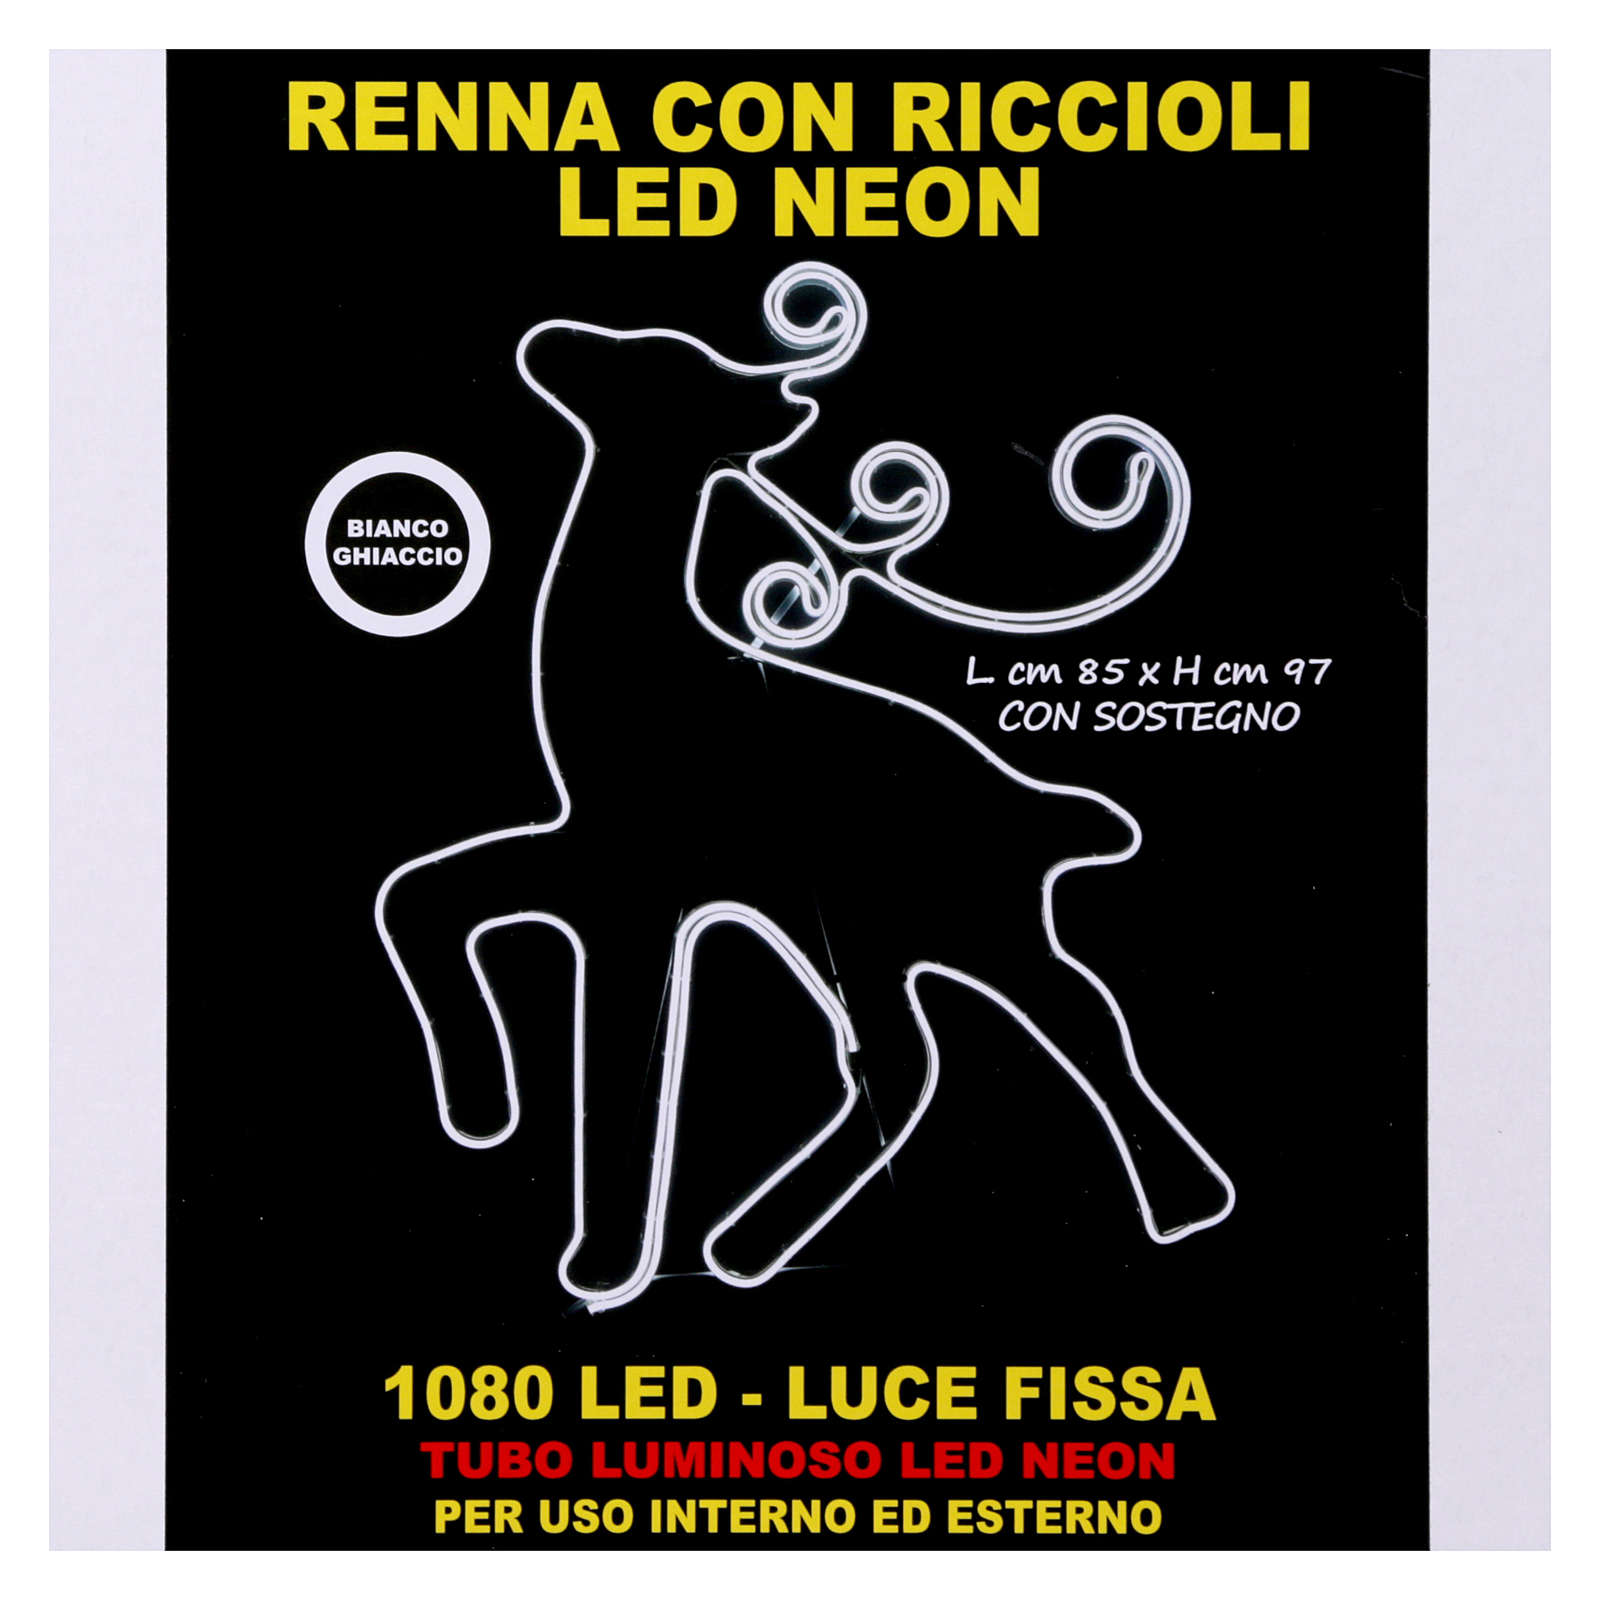 Luce Renna 180 led Ghiaccio tubo neon interno esterno 3